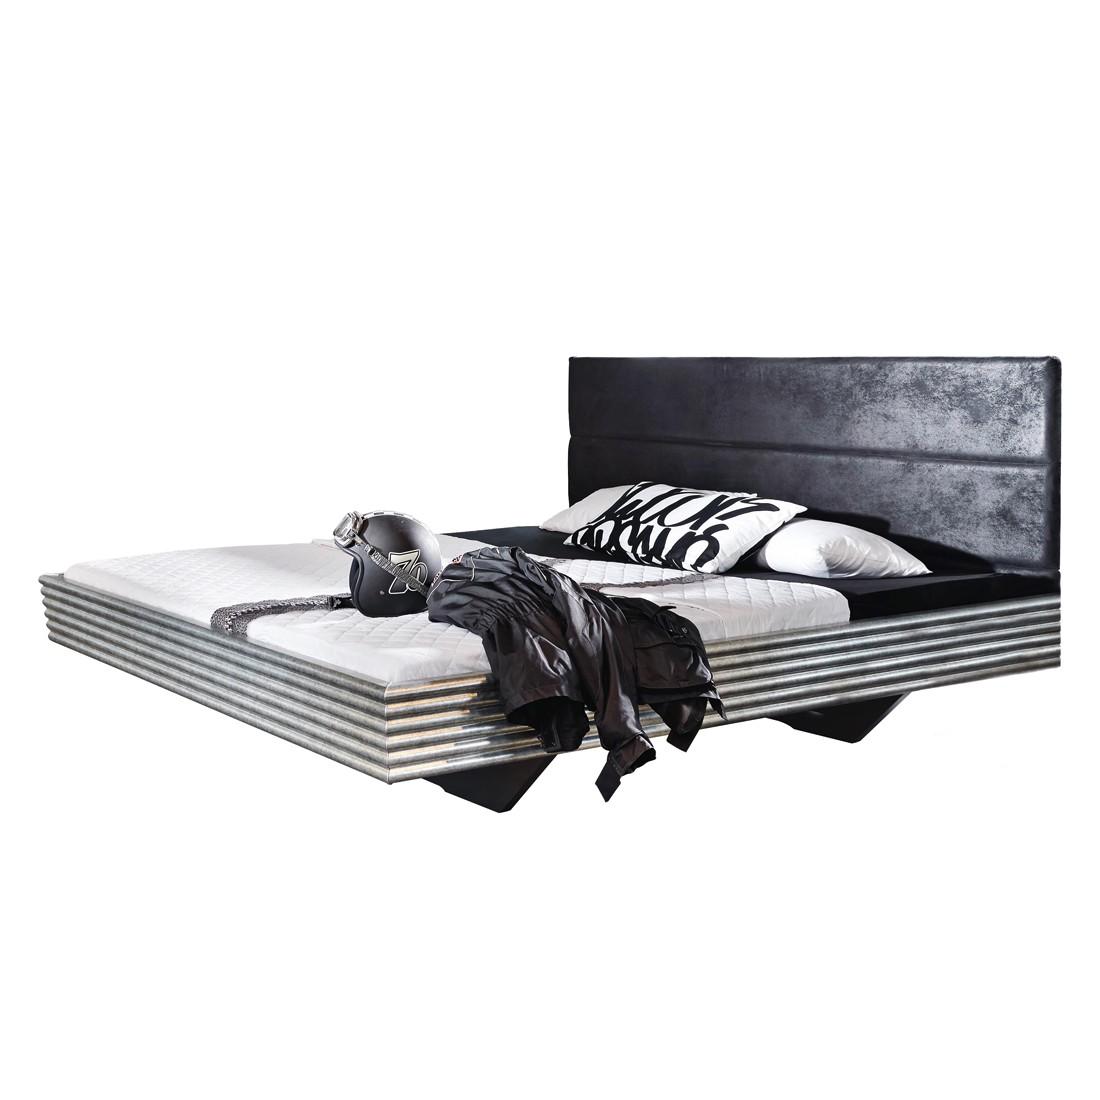 Lit futon Workbase I - Plateau argenté / Cuir synthéthique noir Buffalo - 140 x 200cm, Rauch Select